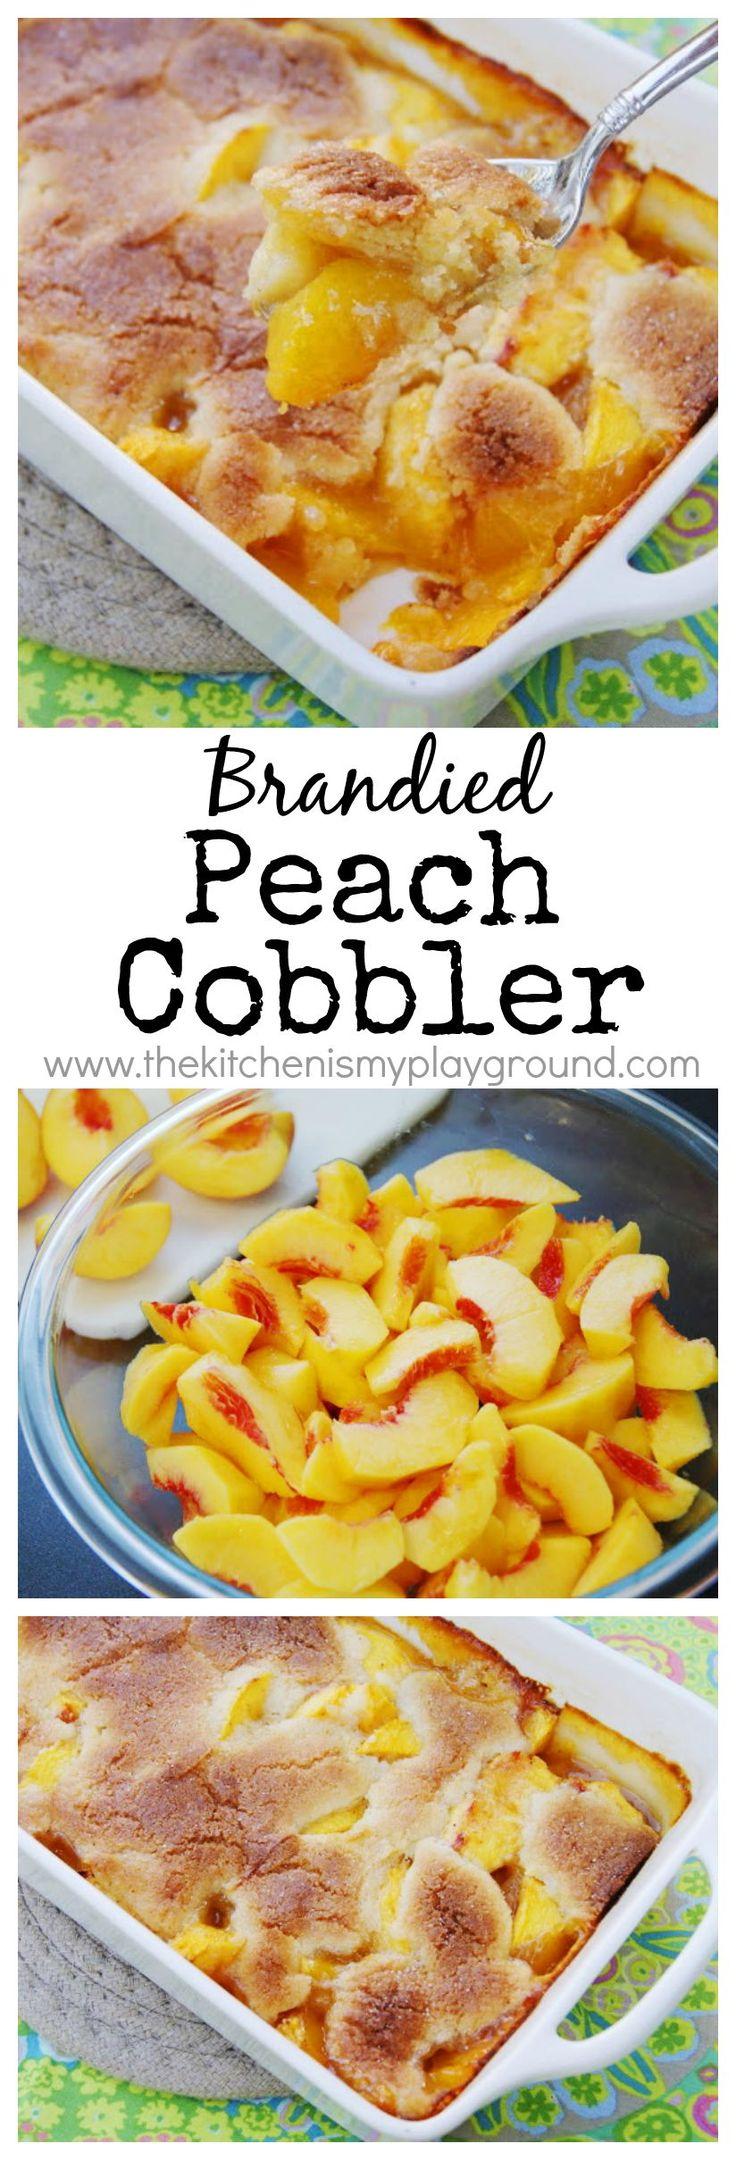 Brandied Peach Cobbler ~ the absolute BEST peach cobbler! www.thekitchenismyplayground.com